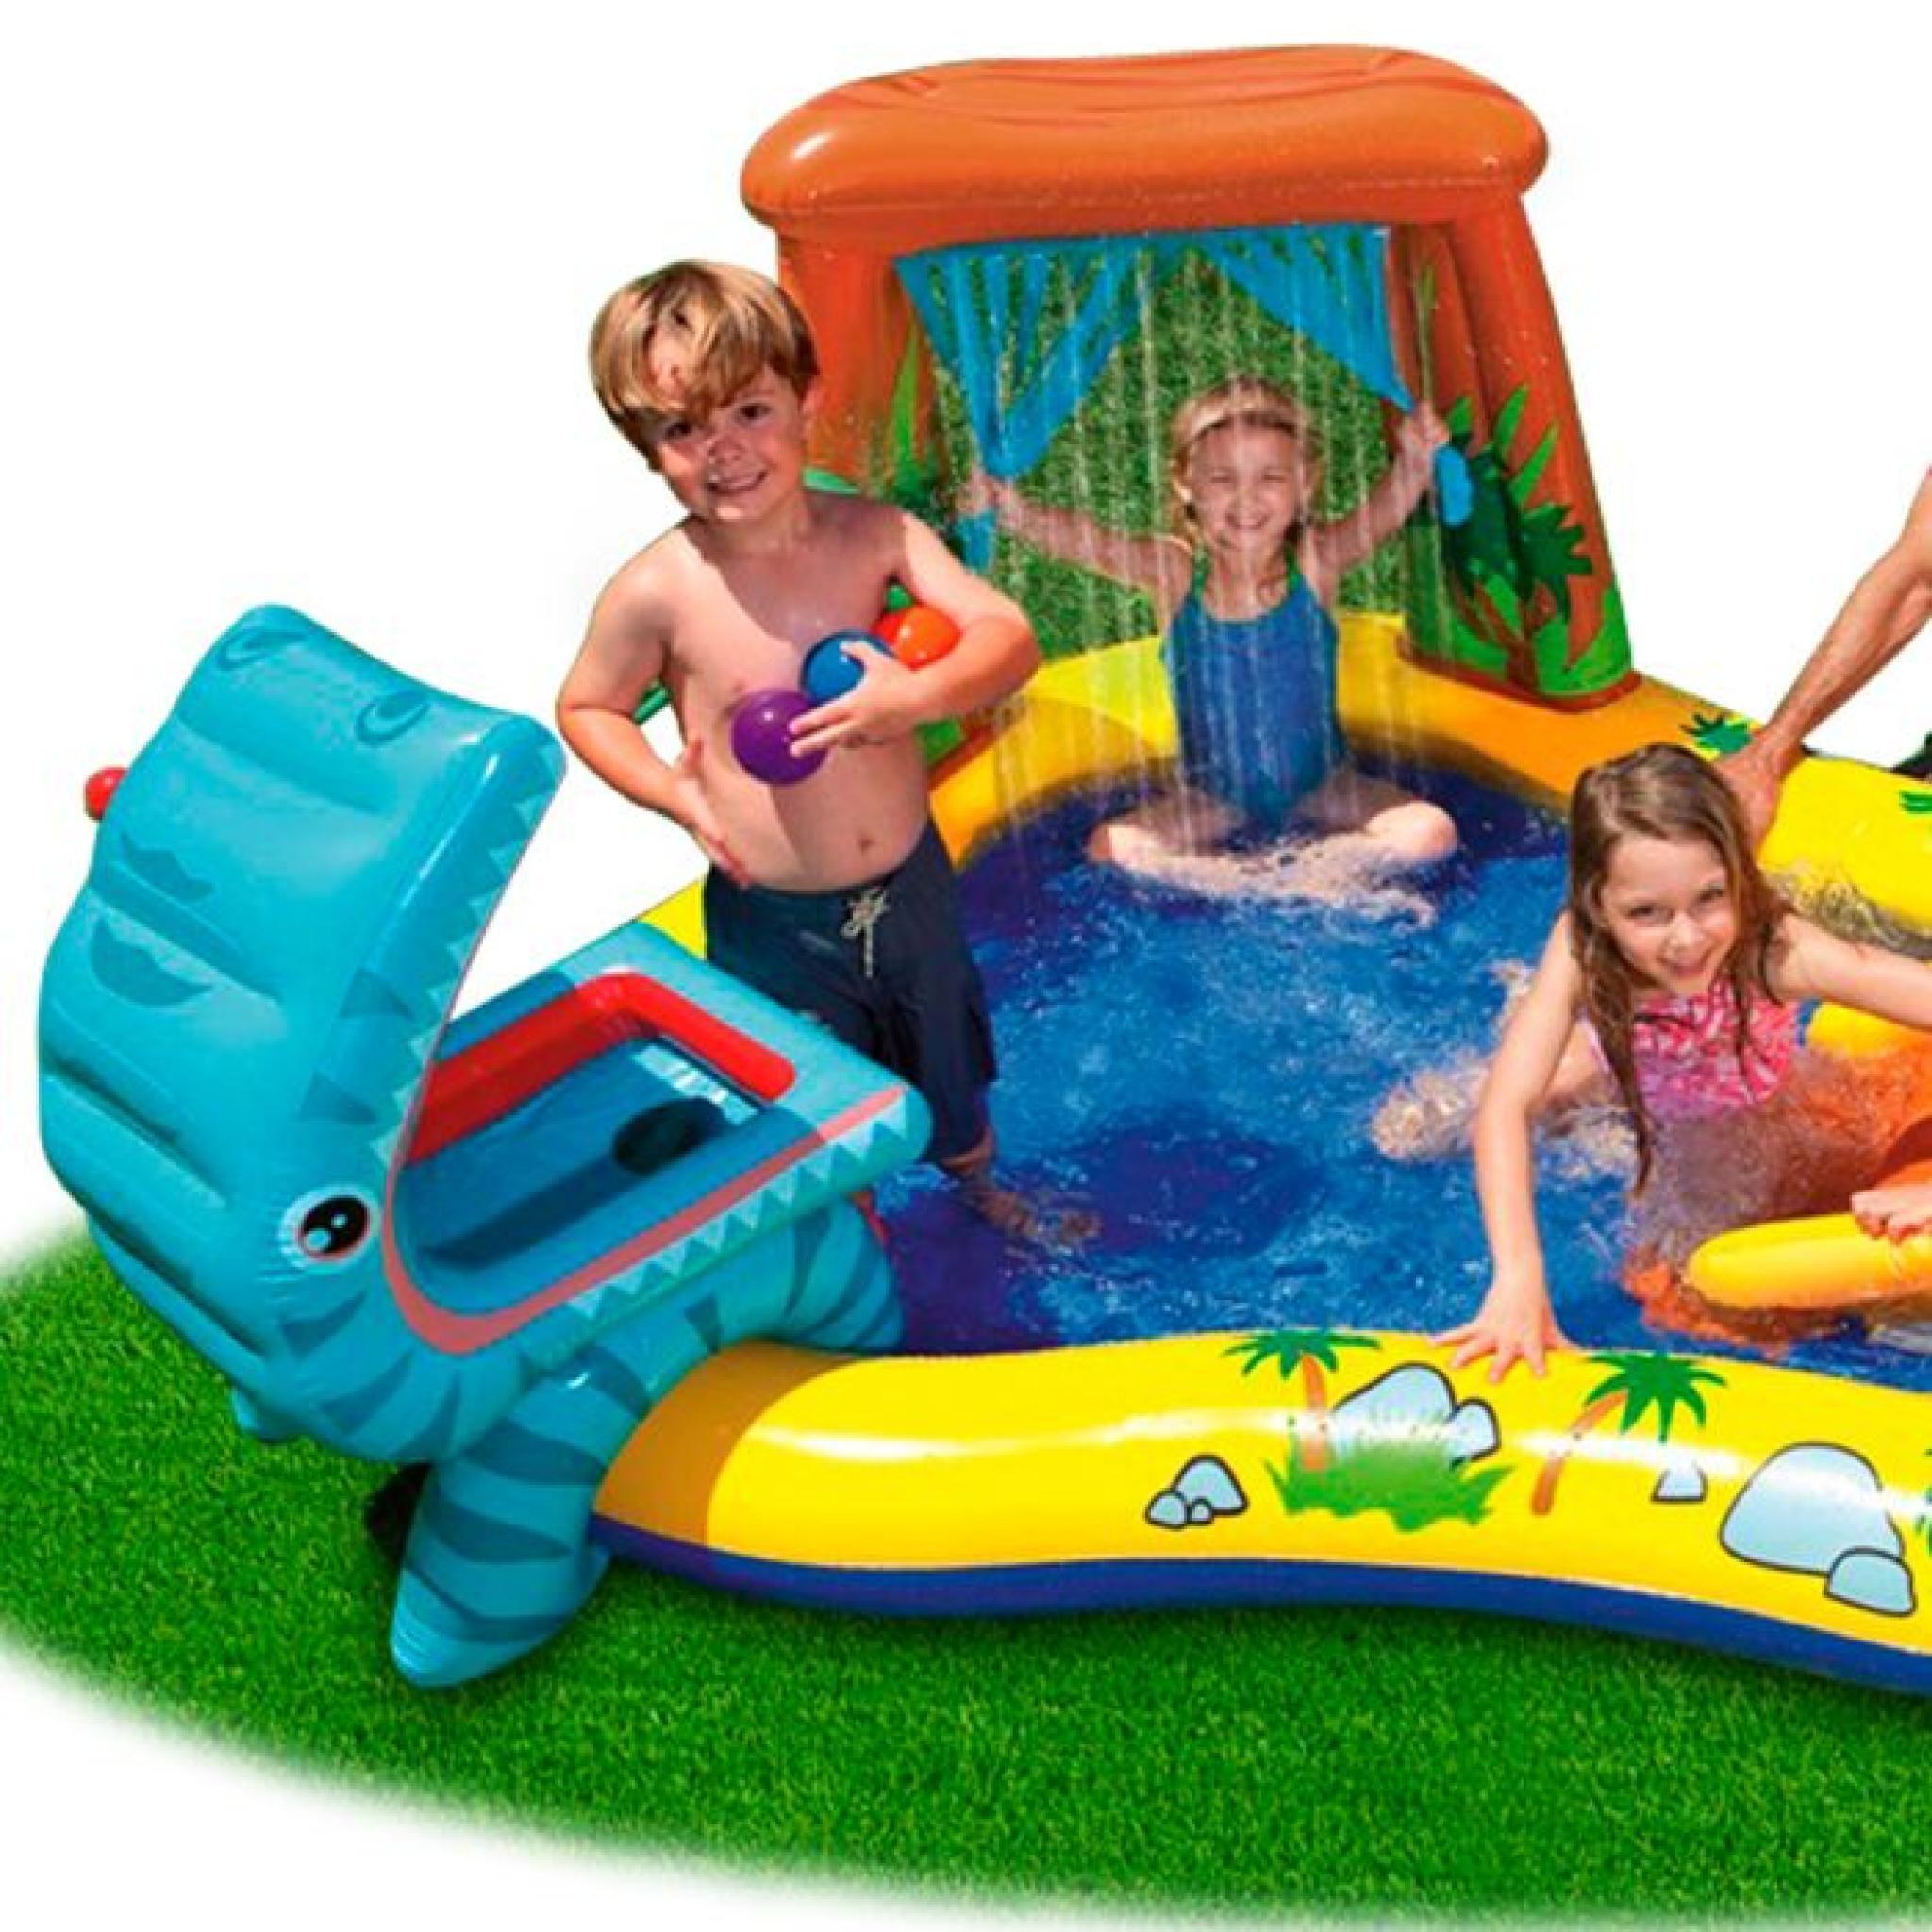 Intex Piscine Gonflable Enfant / Aire De Jeux Aquatique 297 X 193 X 135 Cm  Rainbow Avec Toboggan, Sprayer, Anneaux Gonflables Et Bal dedans Aire De Jeux Gonflable Avec Piscine